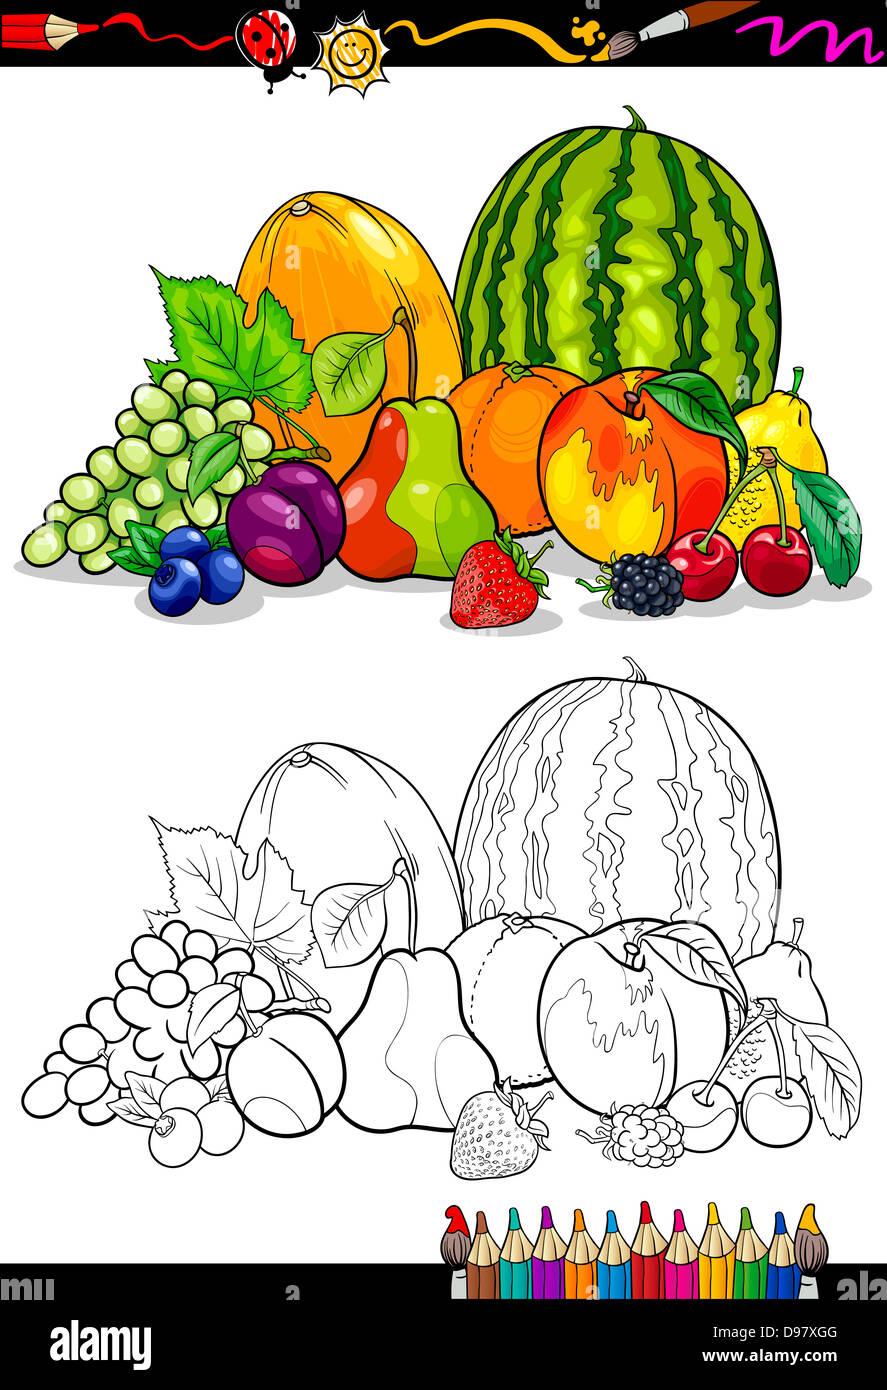 Libro Para Colorear O Página Cartoon Ilustración De Frutas Grupo De